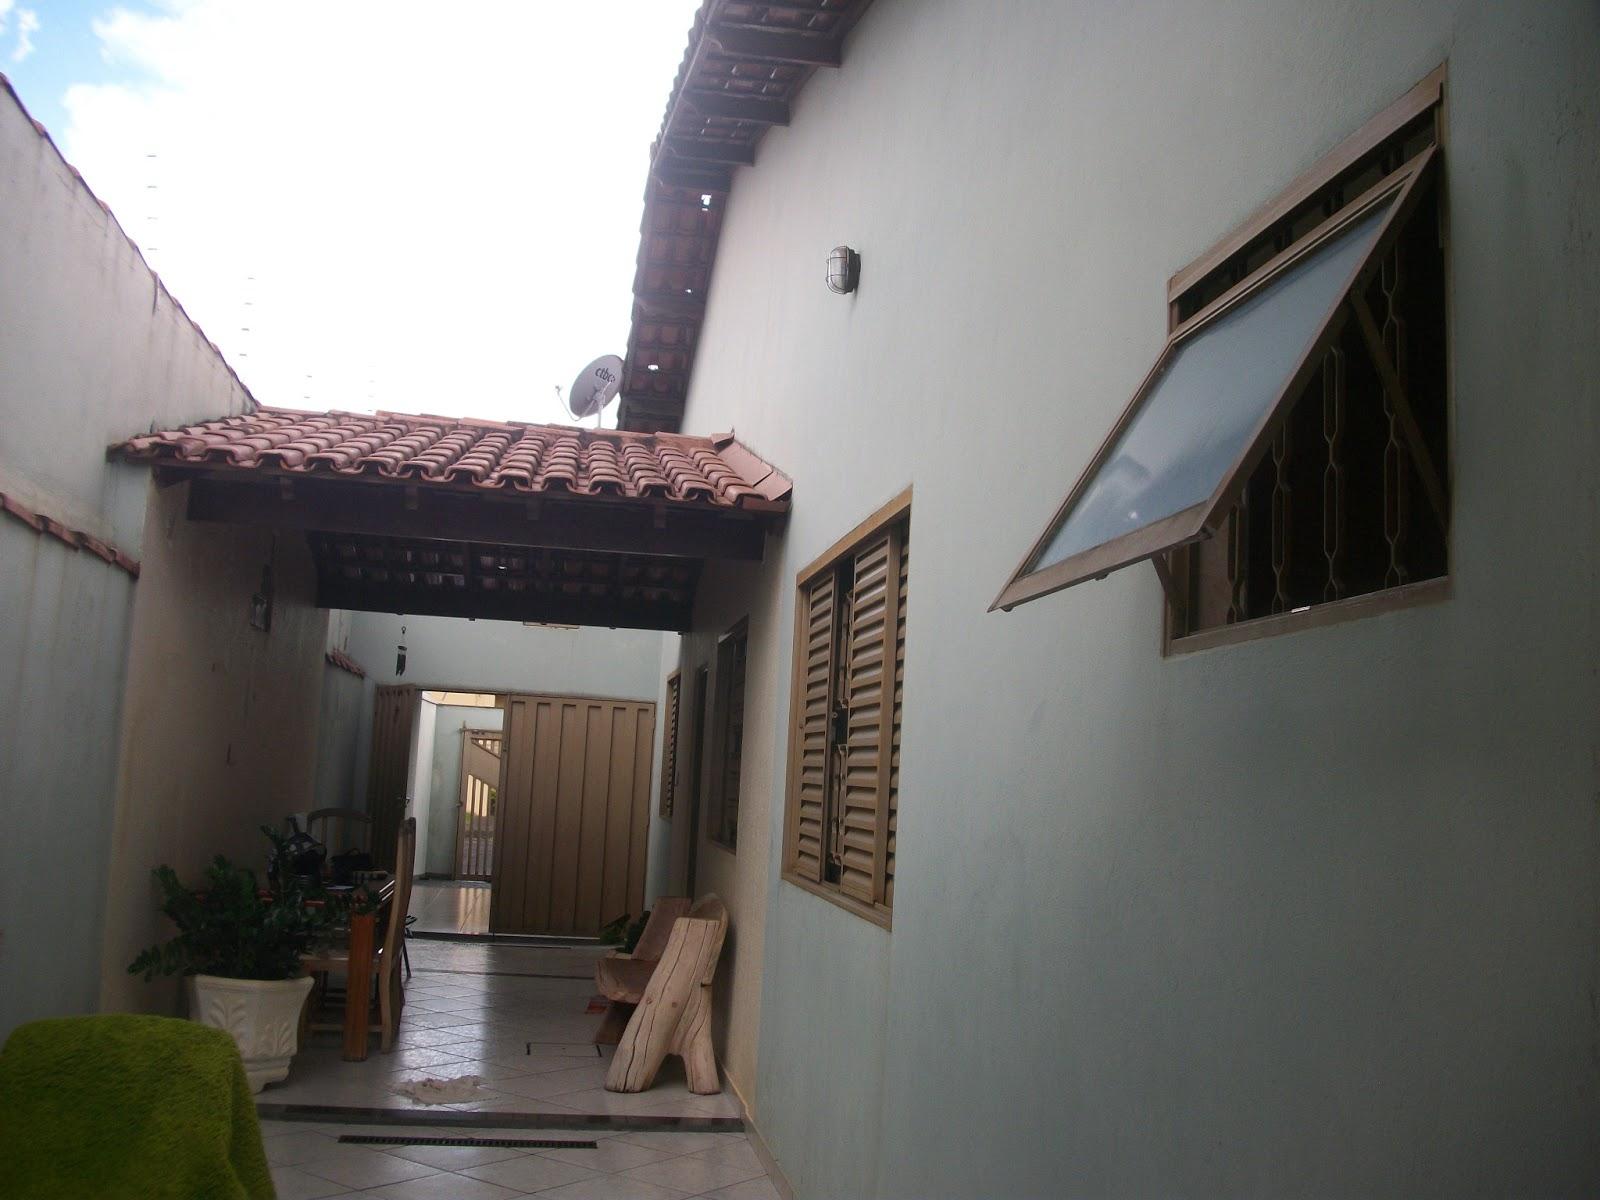 curso de decoracao de interiores em uberlandia:Oficina de Arquitetura: Reforma de Residência em Uberlândia